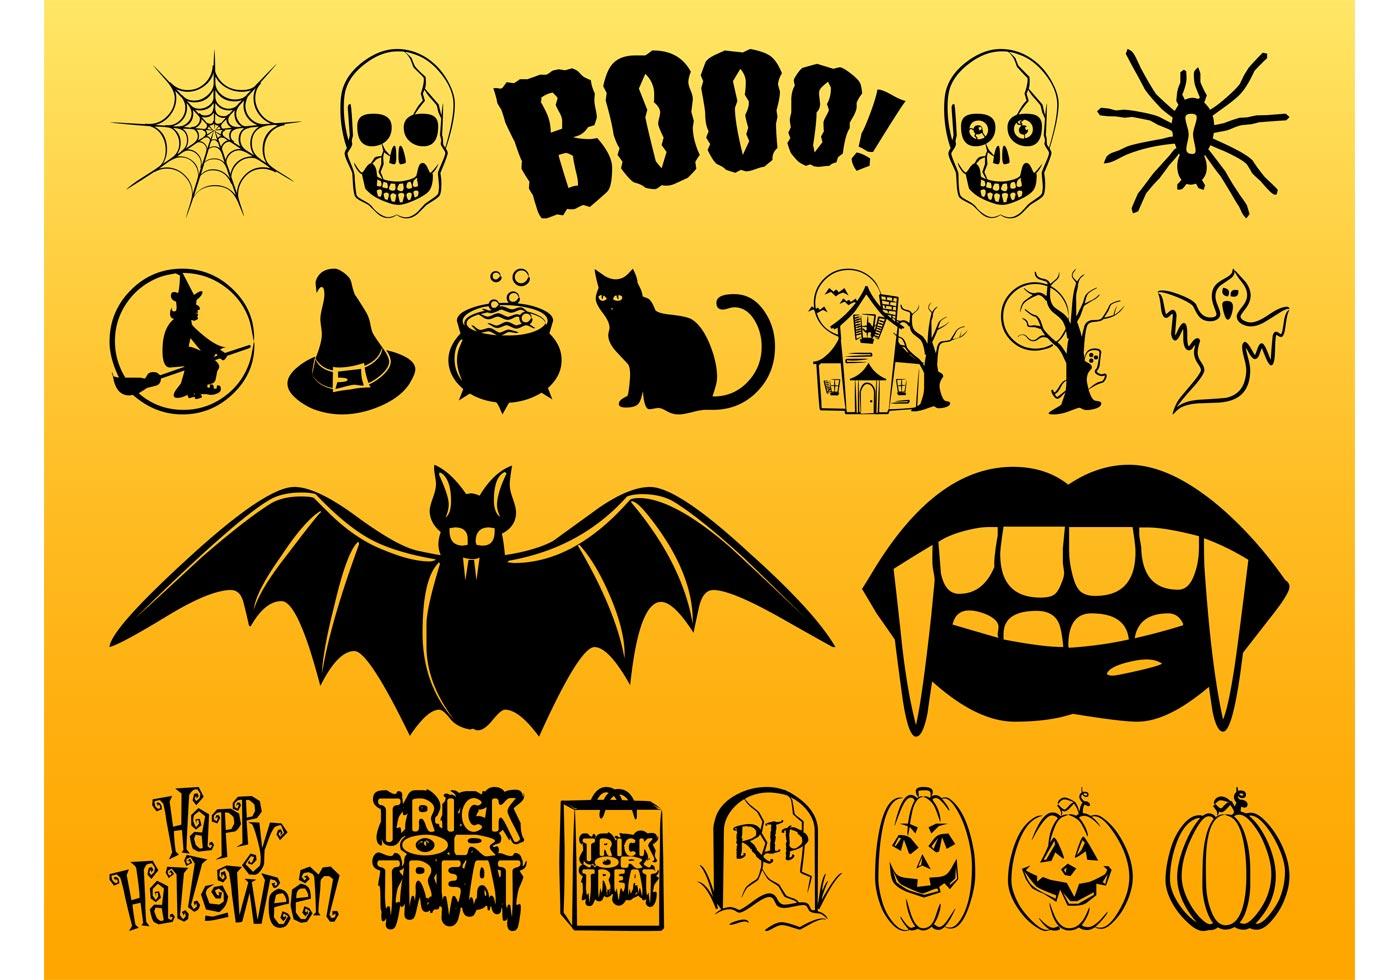 Halloween Images Set - Download Free Vector Art, Stock ...